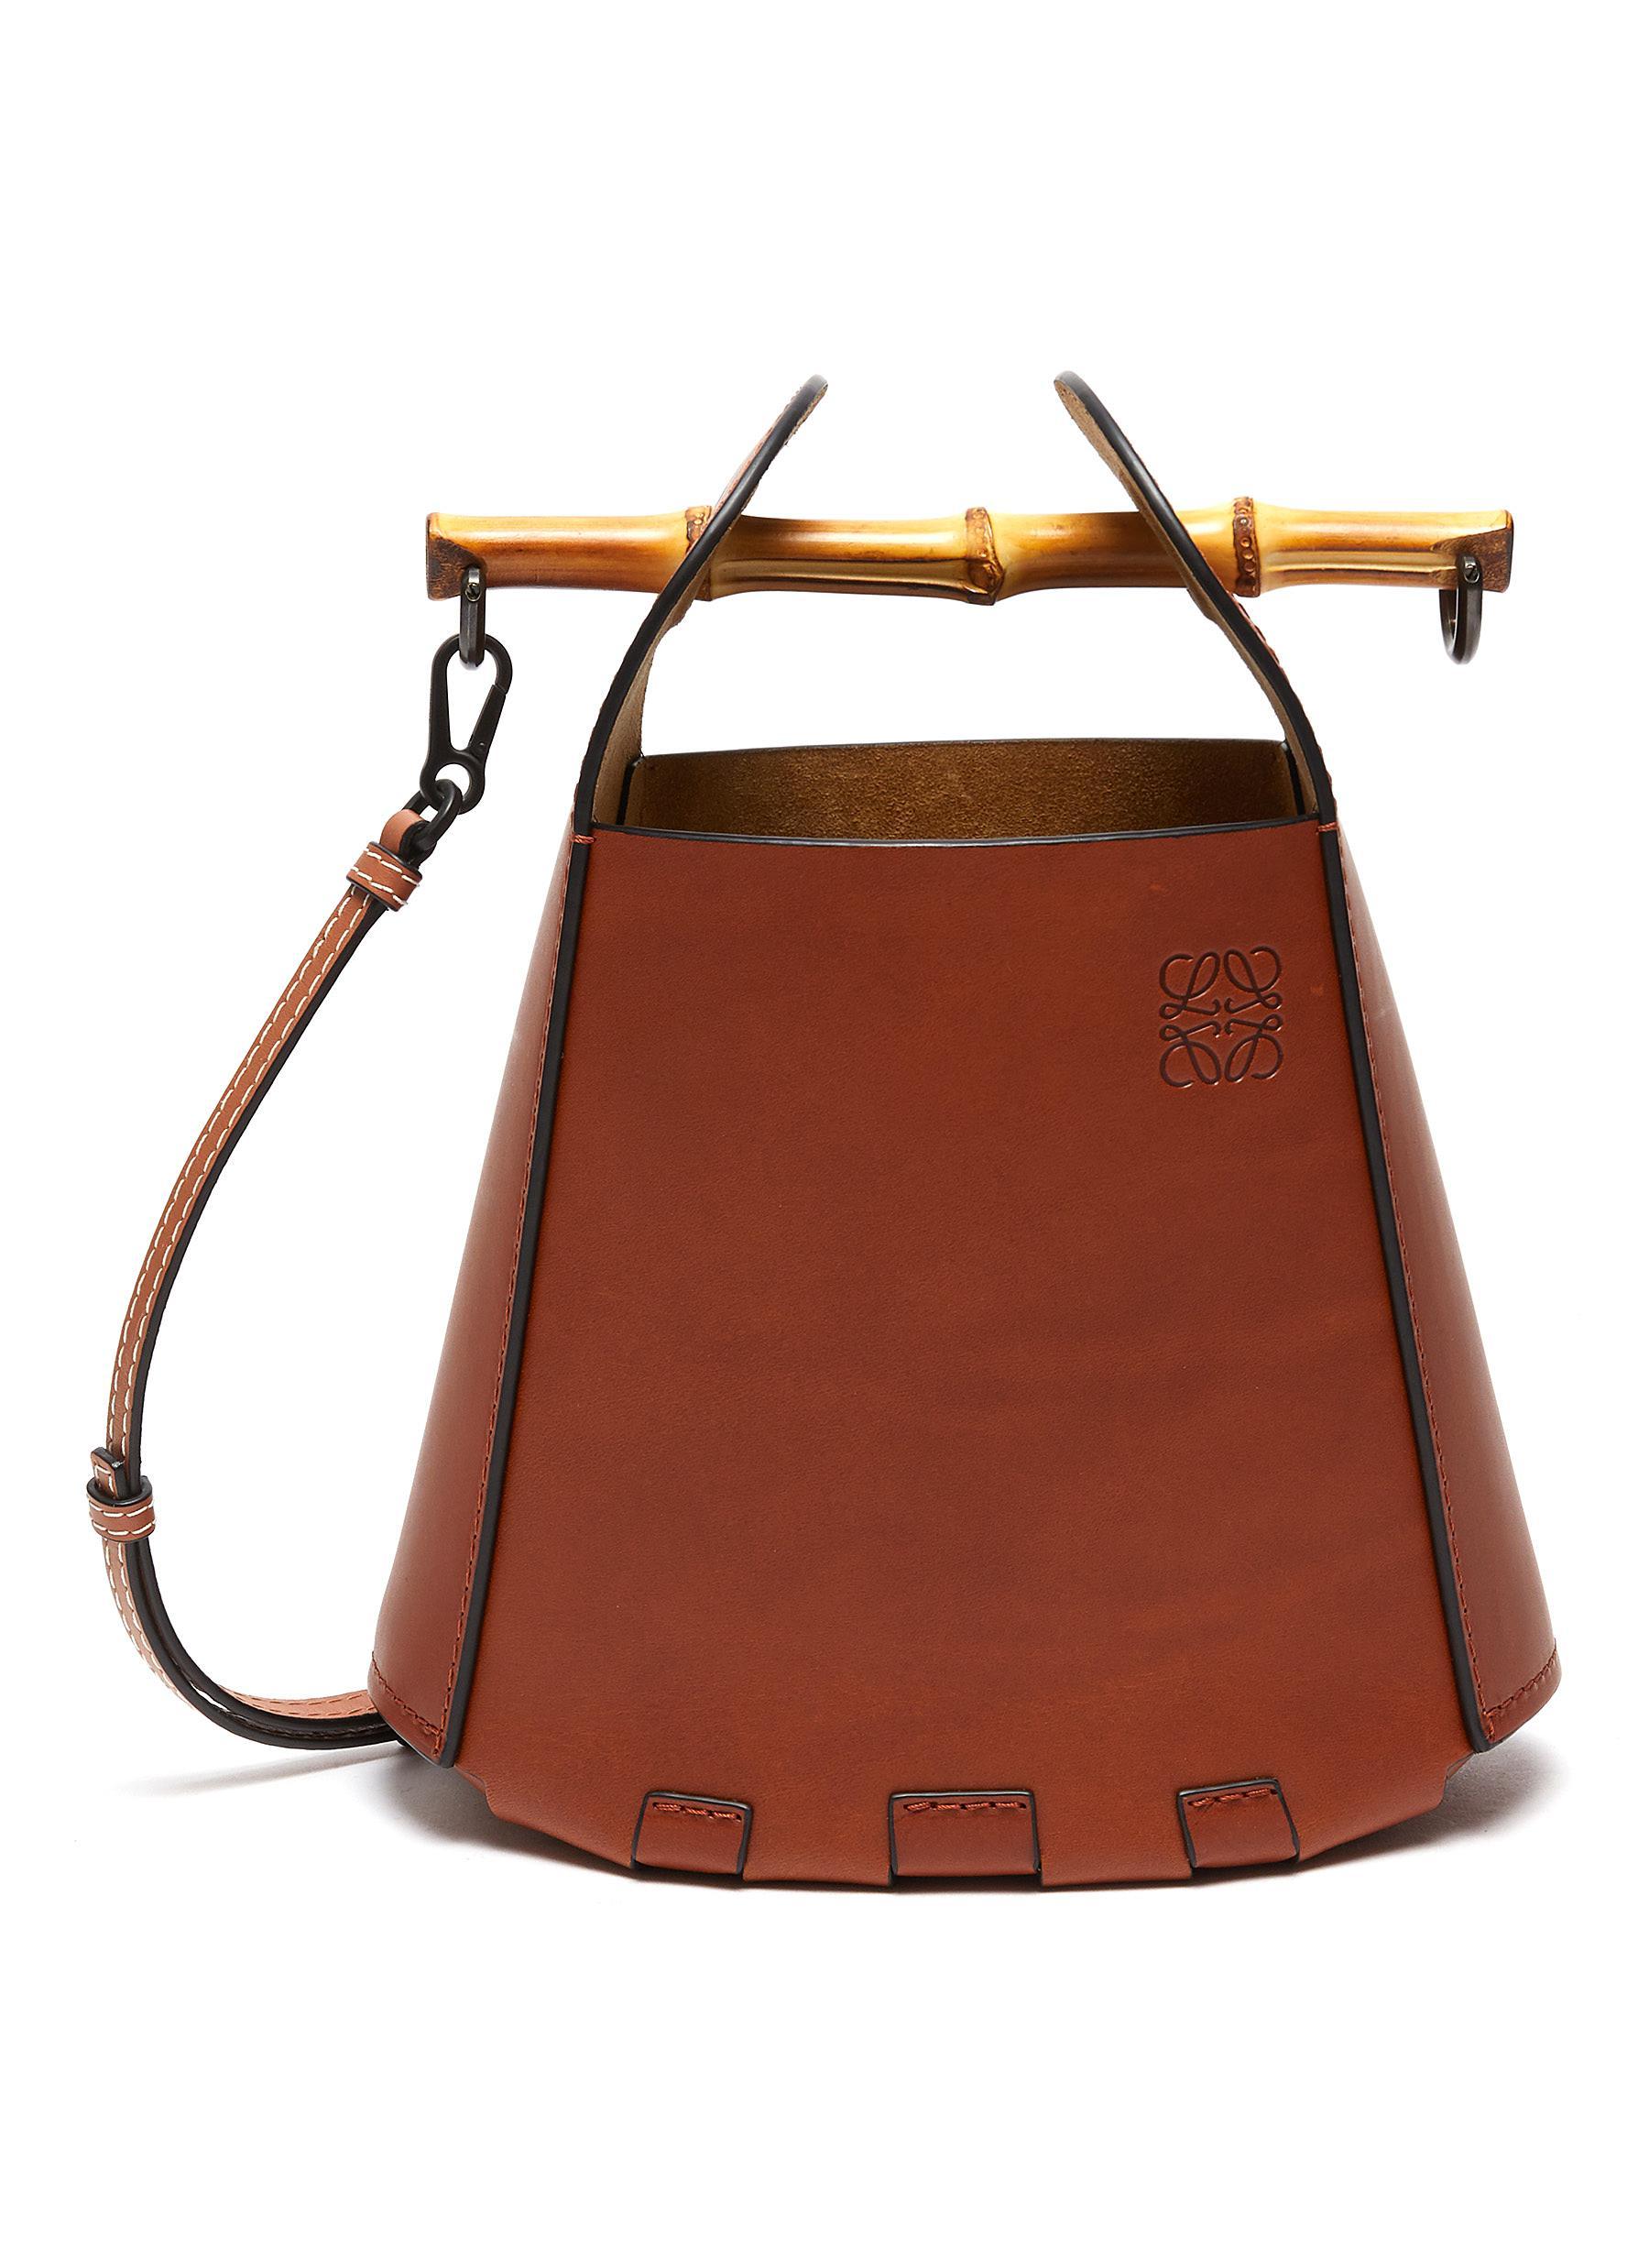 Bamboo Top Handle Leather Bucket Bag